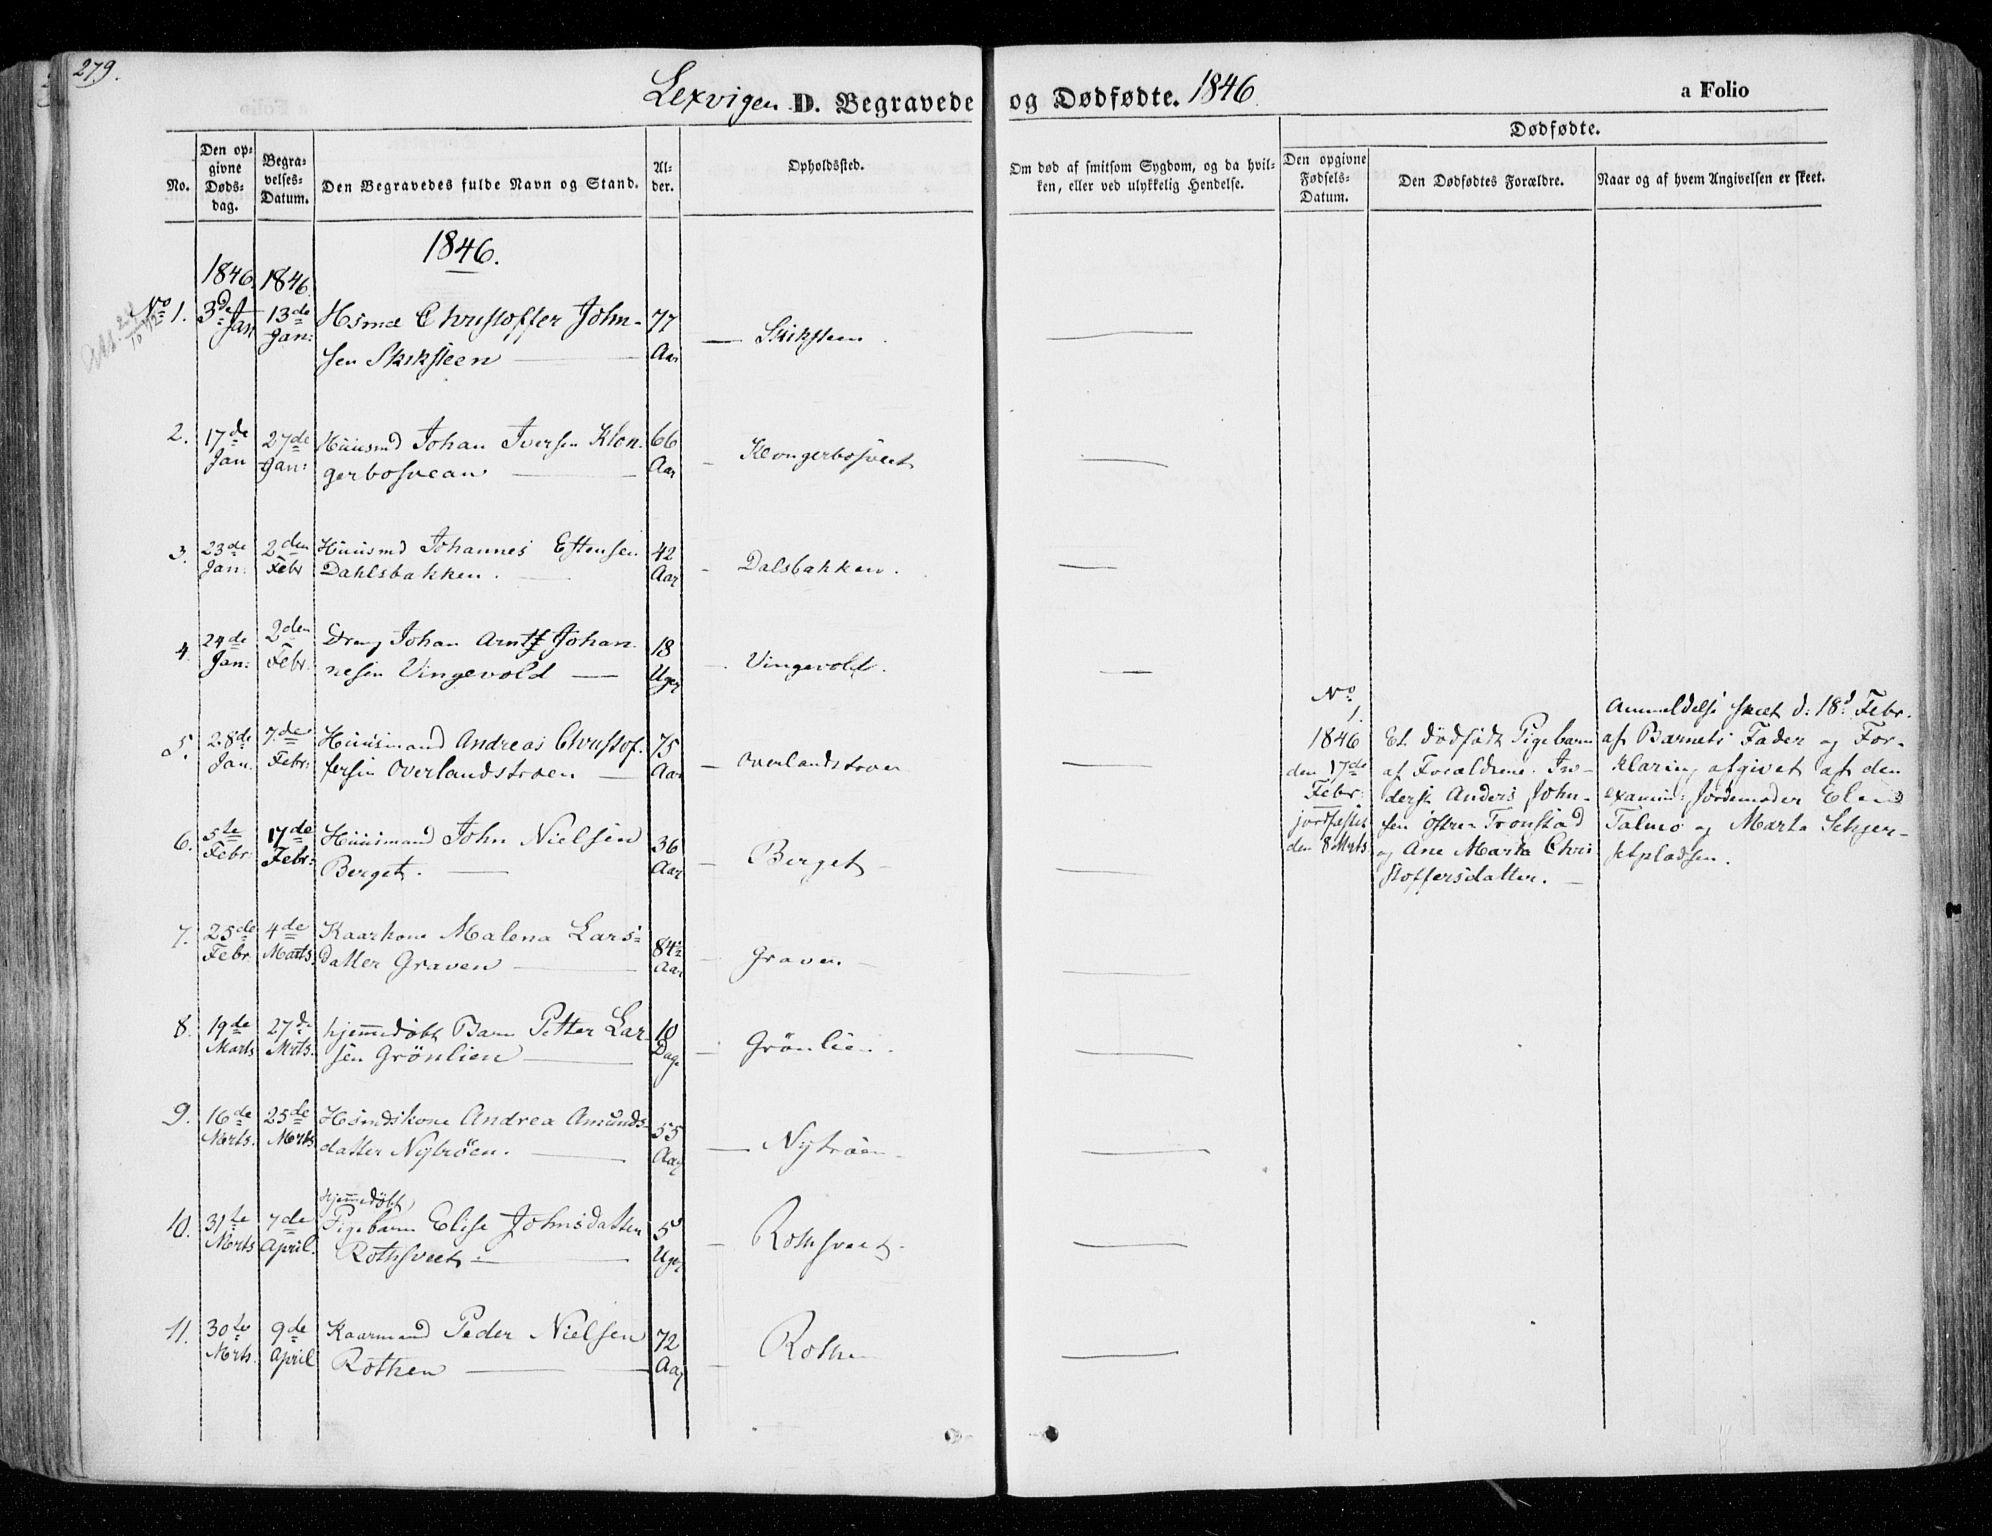 SAT, Ministerialprotokoller, klokkerbøker og fødselsregistre - Nord-Trøndelag, 701/L0007: Ministerialbok nr. 701A07 /1, 1842-1854, s. 279